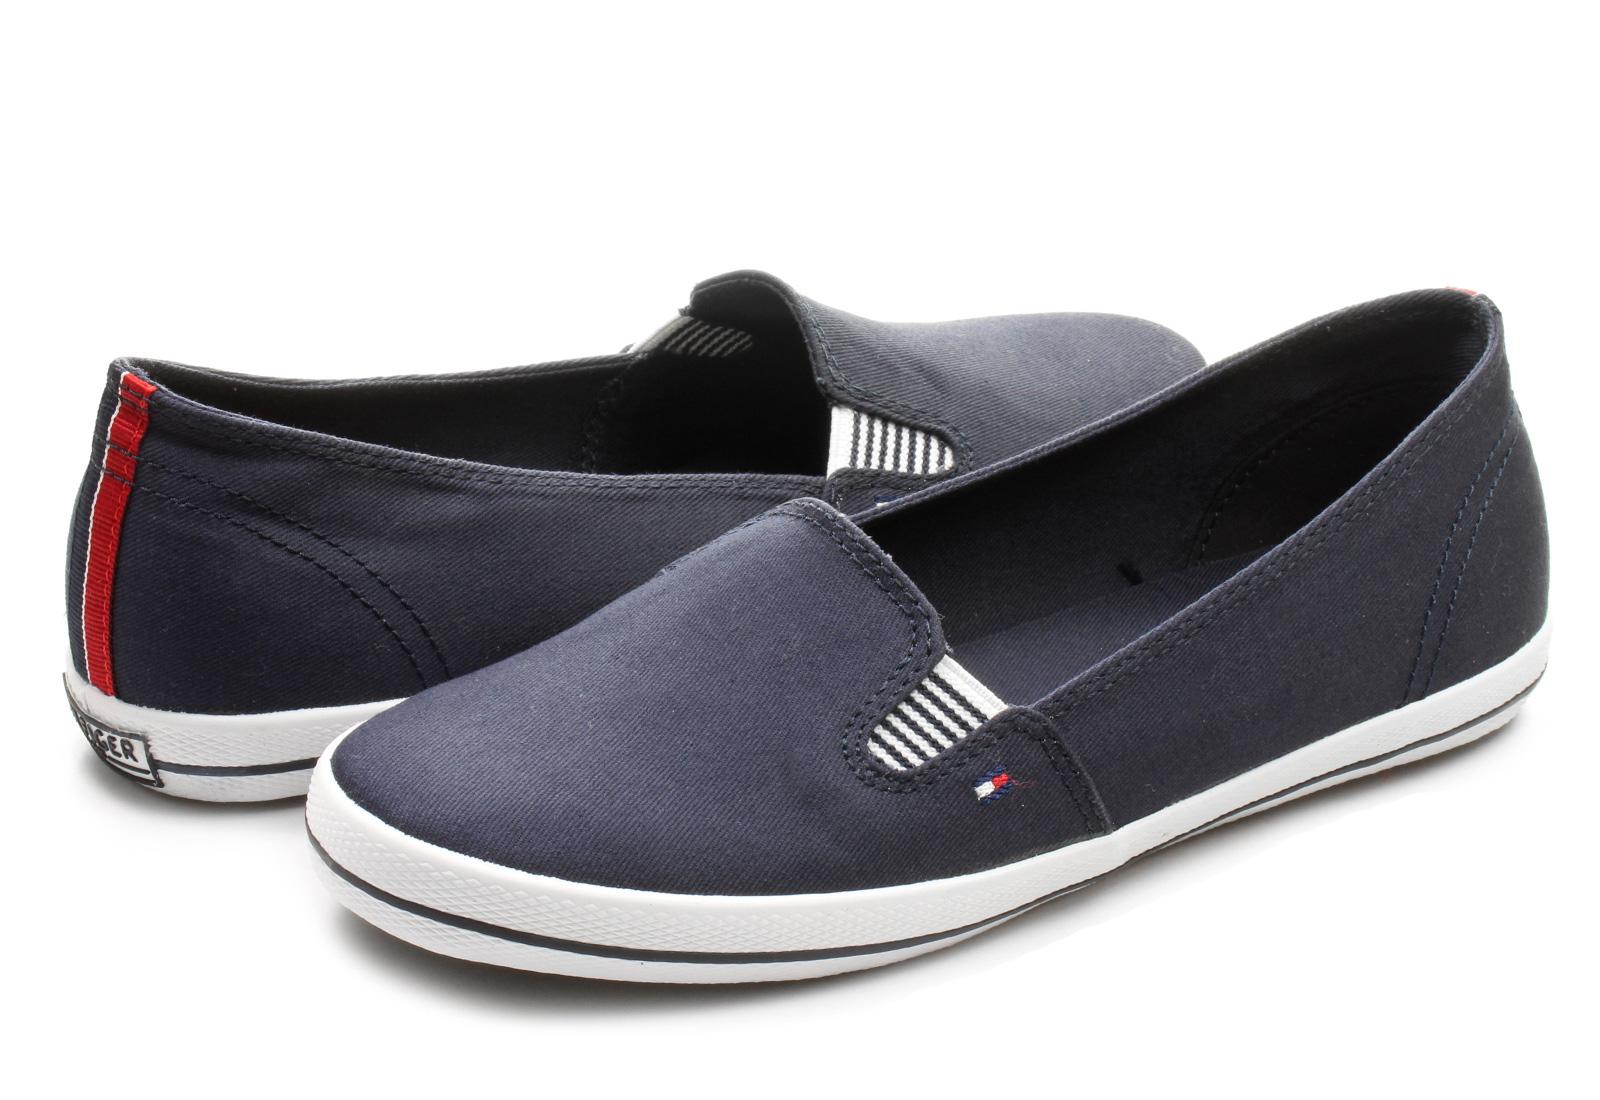 tommy hilfiger shoes victoria 12d 15s 9240 403 online shop for. Black Bedroom Furniture Sets. Home Design Ideas